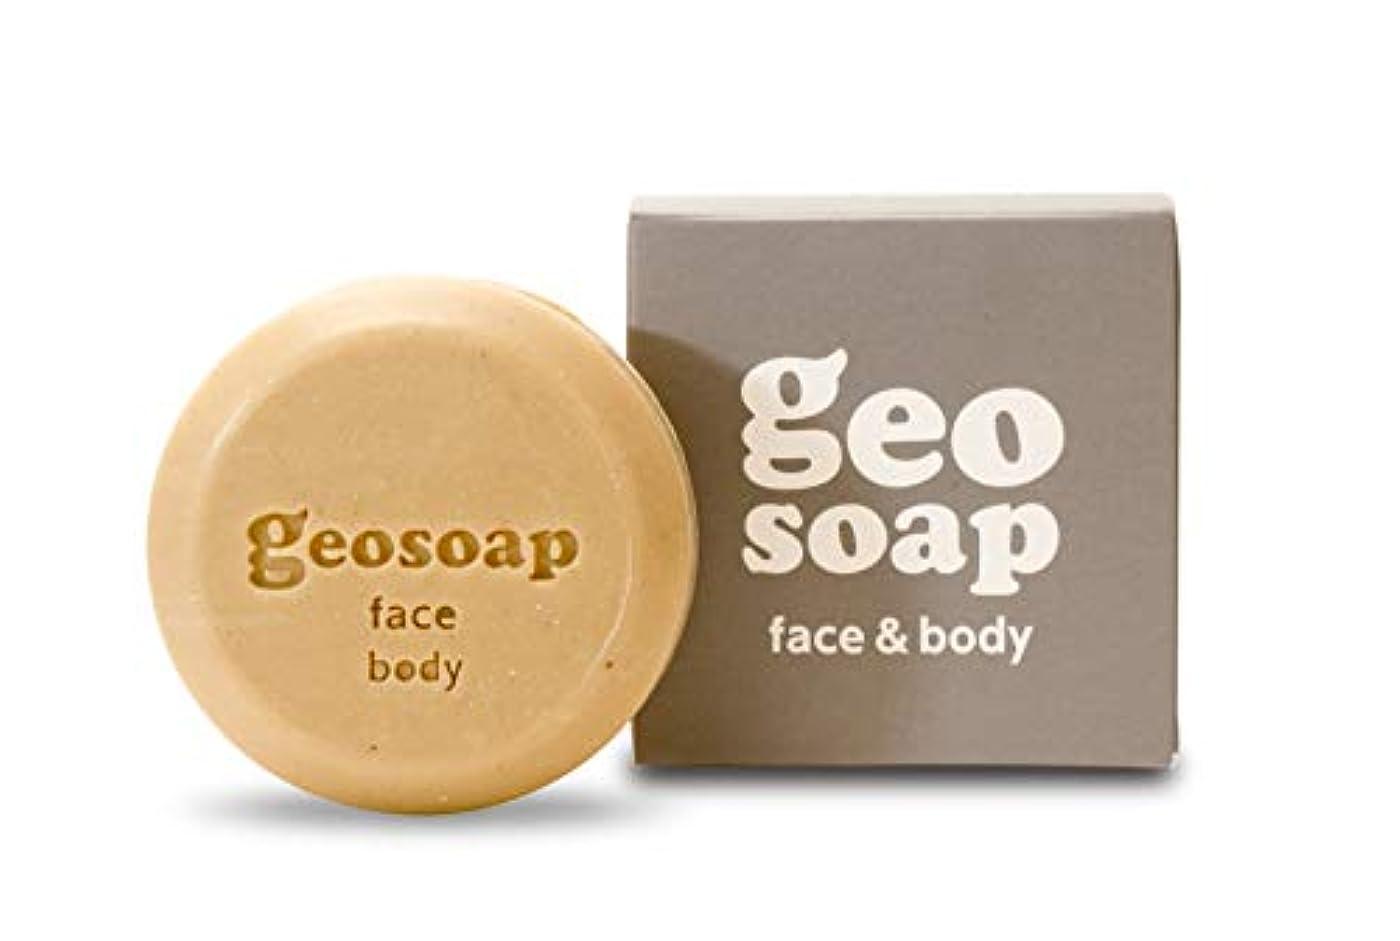 収縮可能にする姓geosoap(ジオソープ) face&body(フェイス&ボディ) フェイス?ボディ 固形ソープ 117g